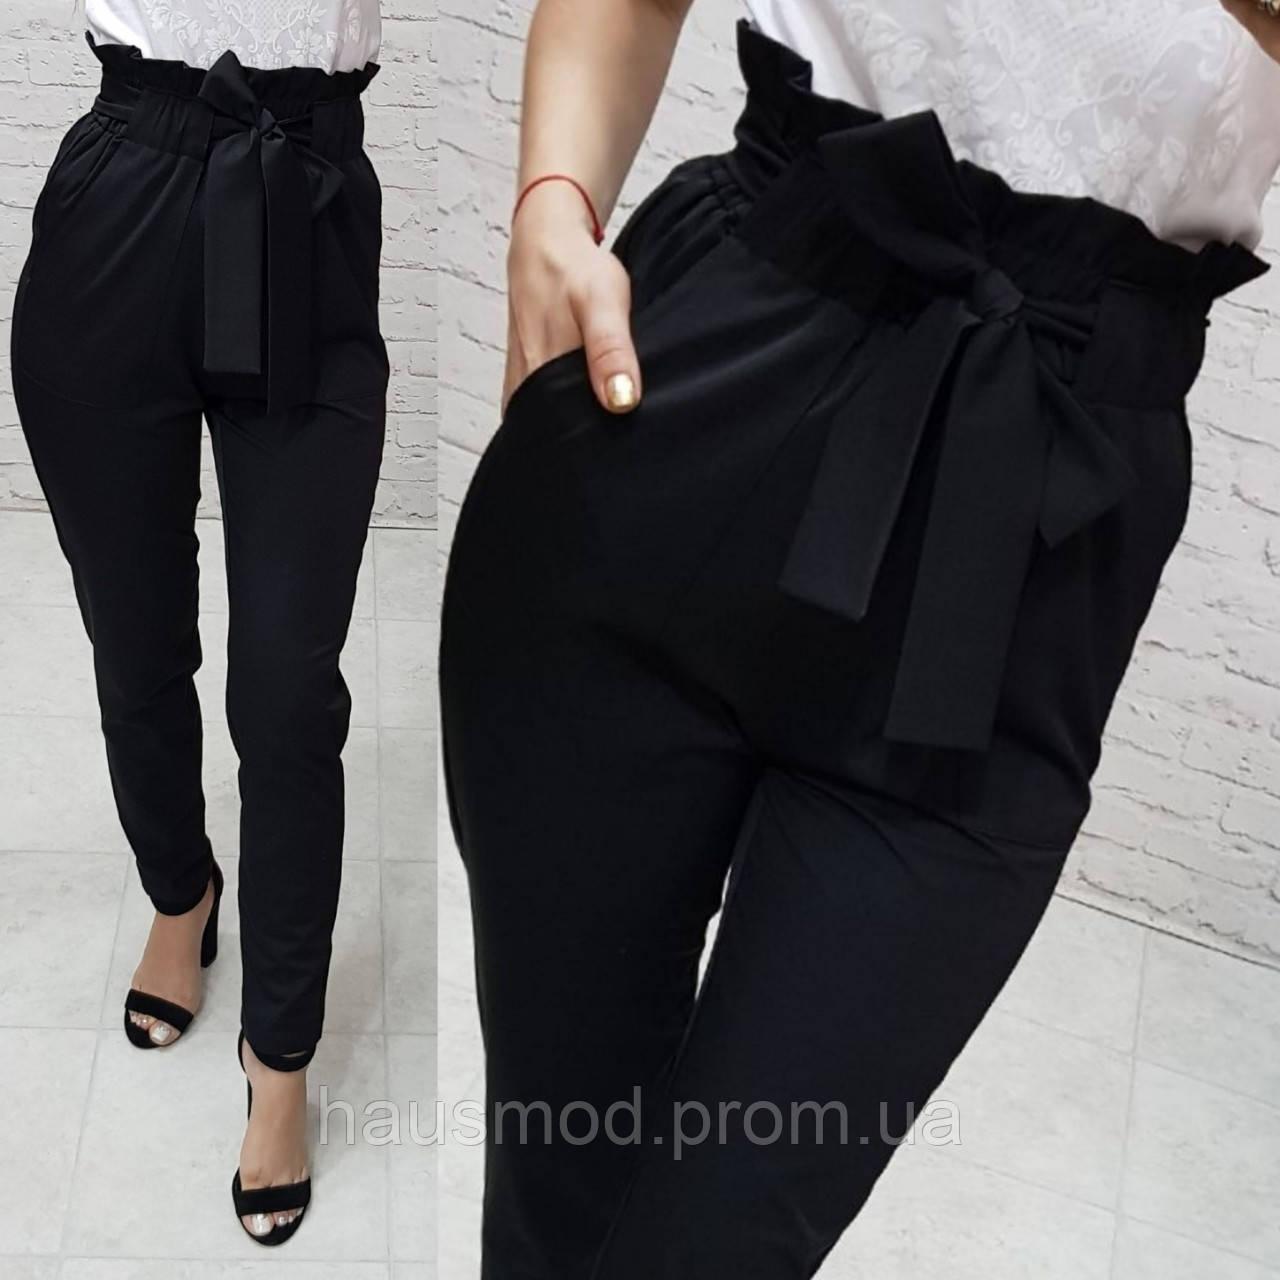 Женские брюки ткань креп костюмка талия завышенная цвет черный